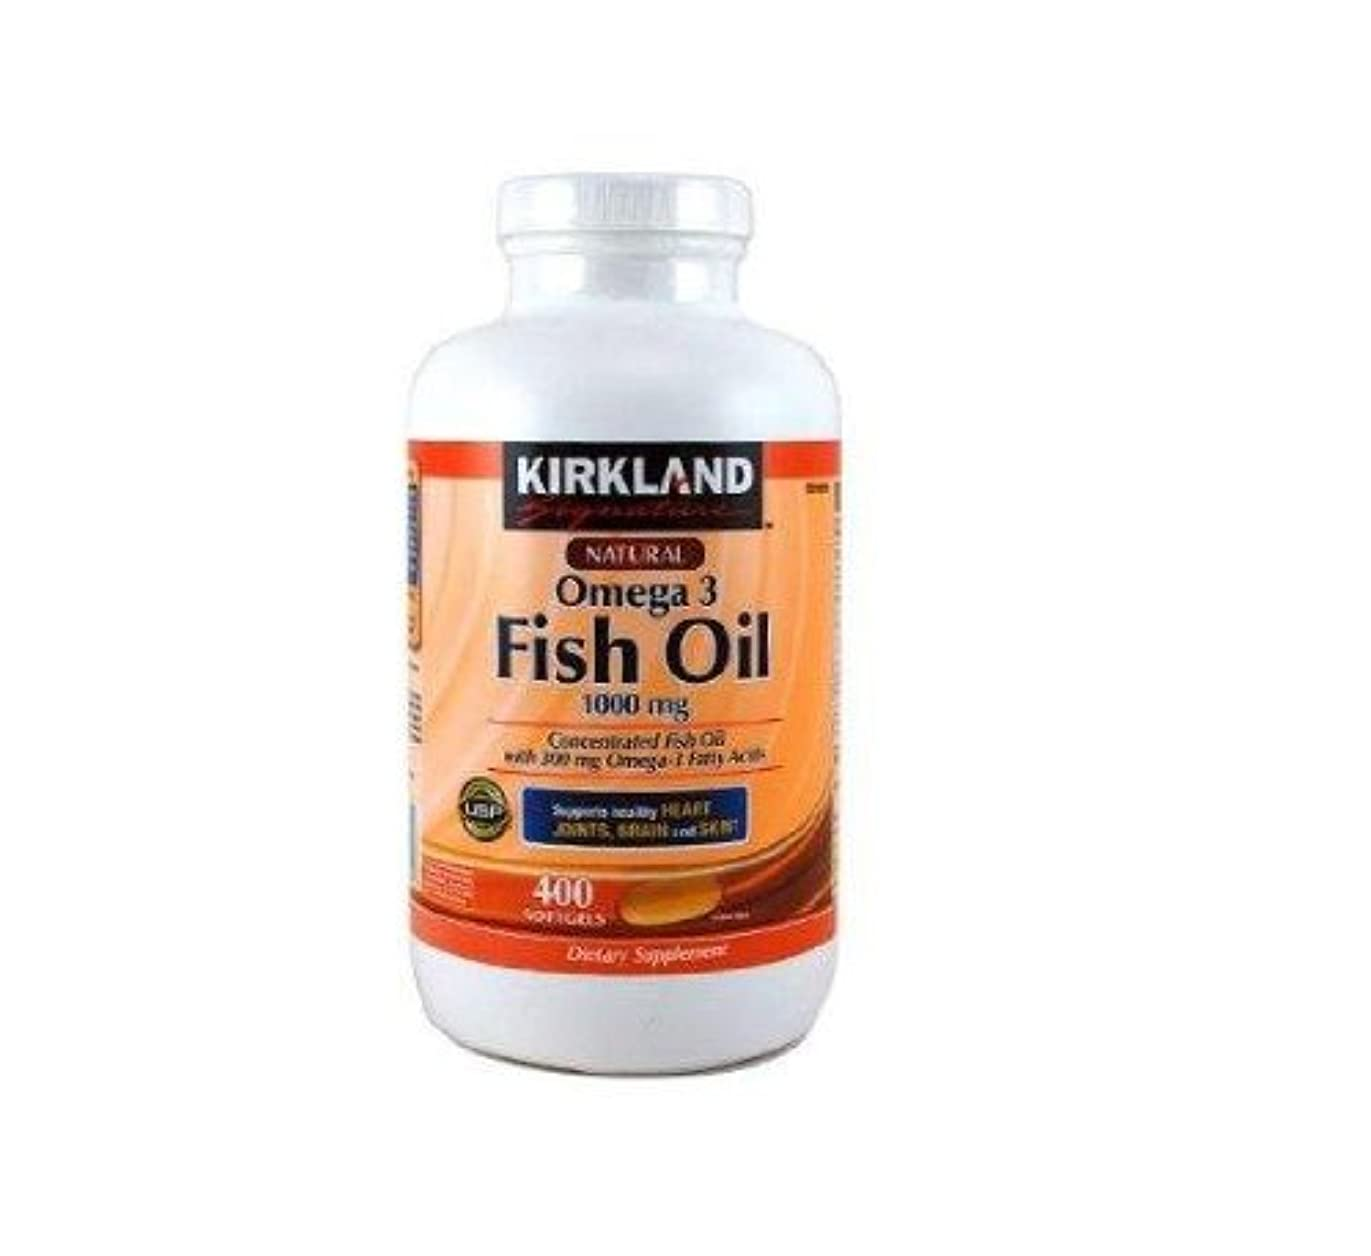 代数的取り替える恐ろしいですKIRKLAND社 フィッシュオイル (DHA+EPA) オメガ3 1000mg 400ソフトカプセル 2本 [並行輸入品] [海外直送品] Two KIRKLAND's Fish oil (DHA + EPA) omega...